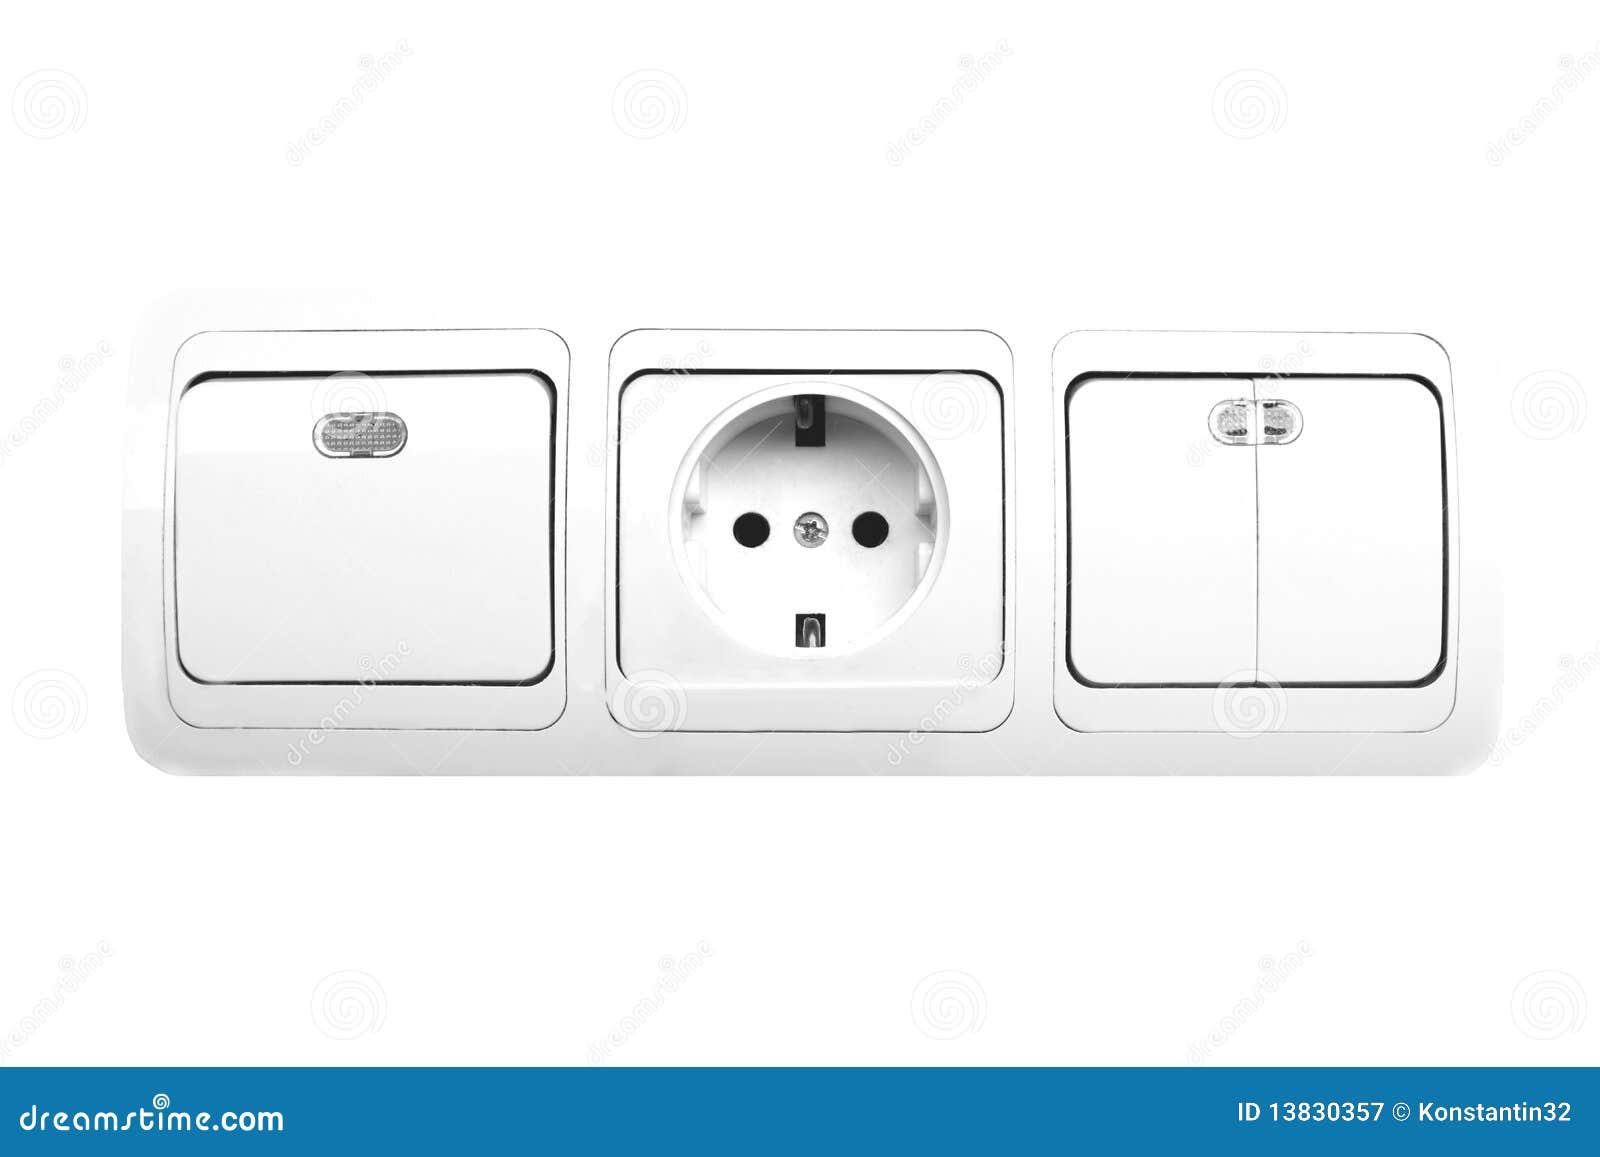 Elektrischer Schalter Und Bolzen Stockbild - Bild von rund ...